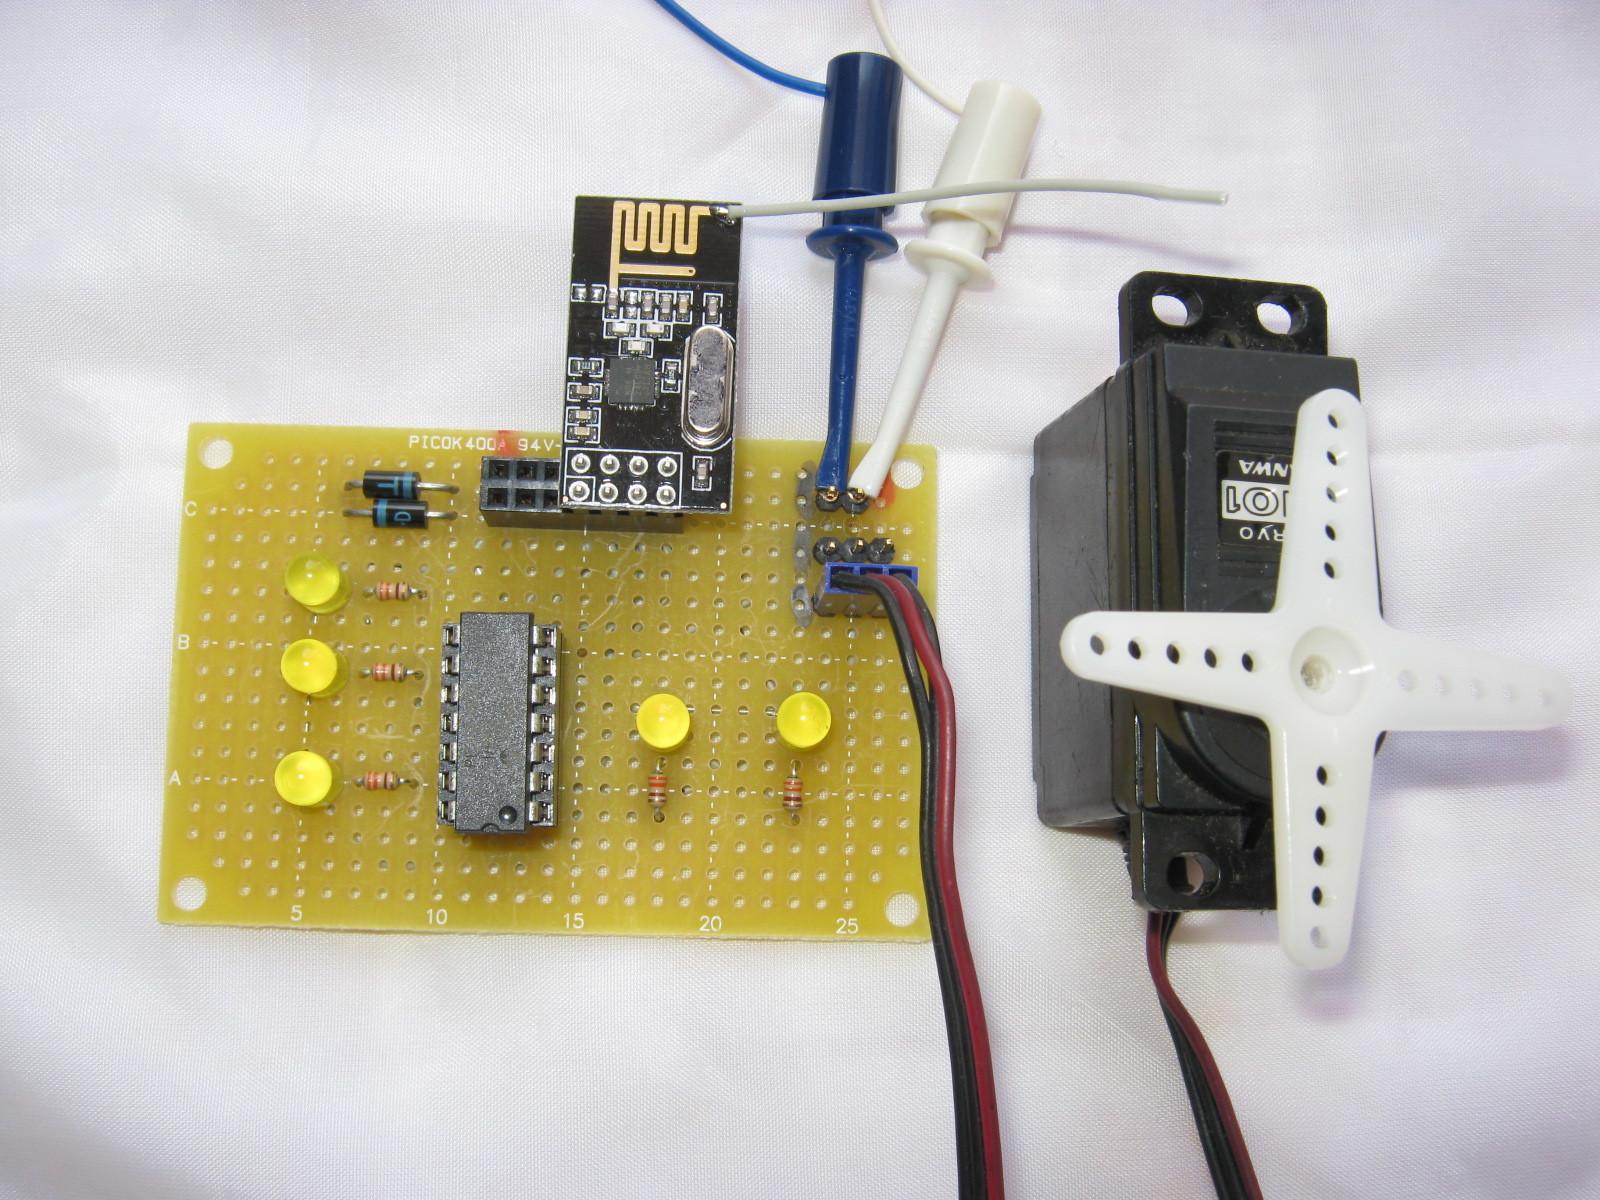 2.4GHzラジコン用ファームウェアのデモボード受信側